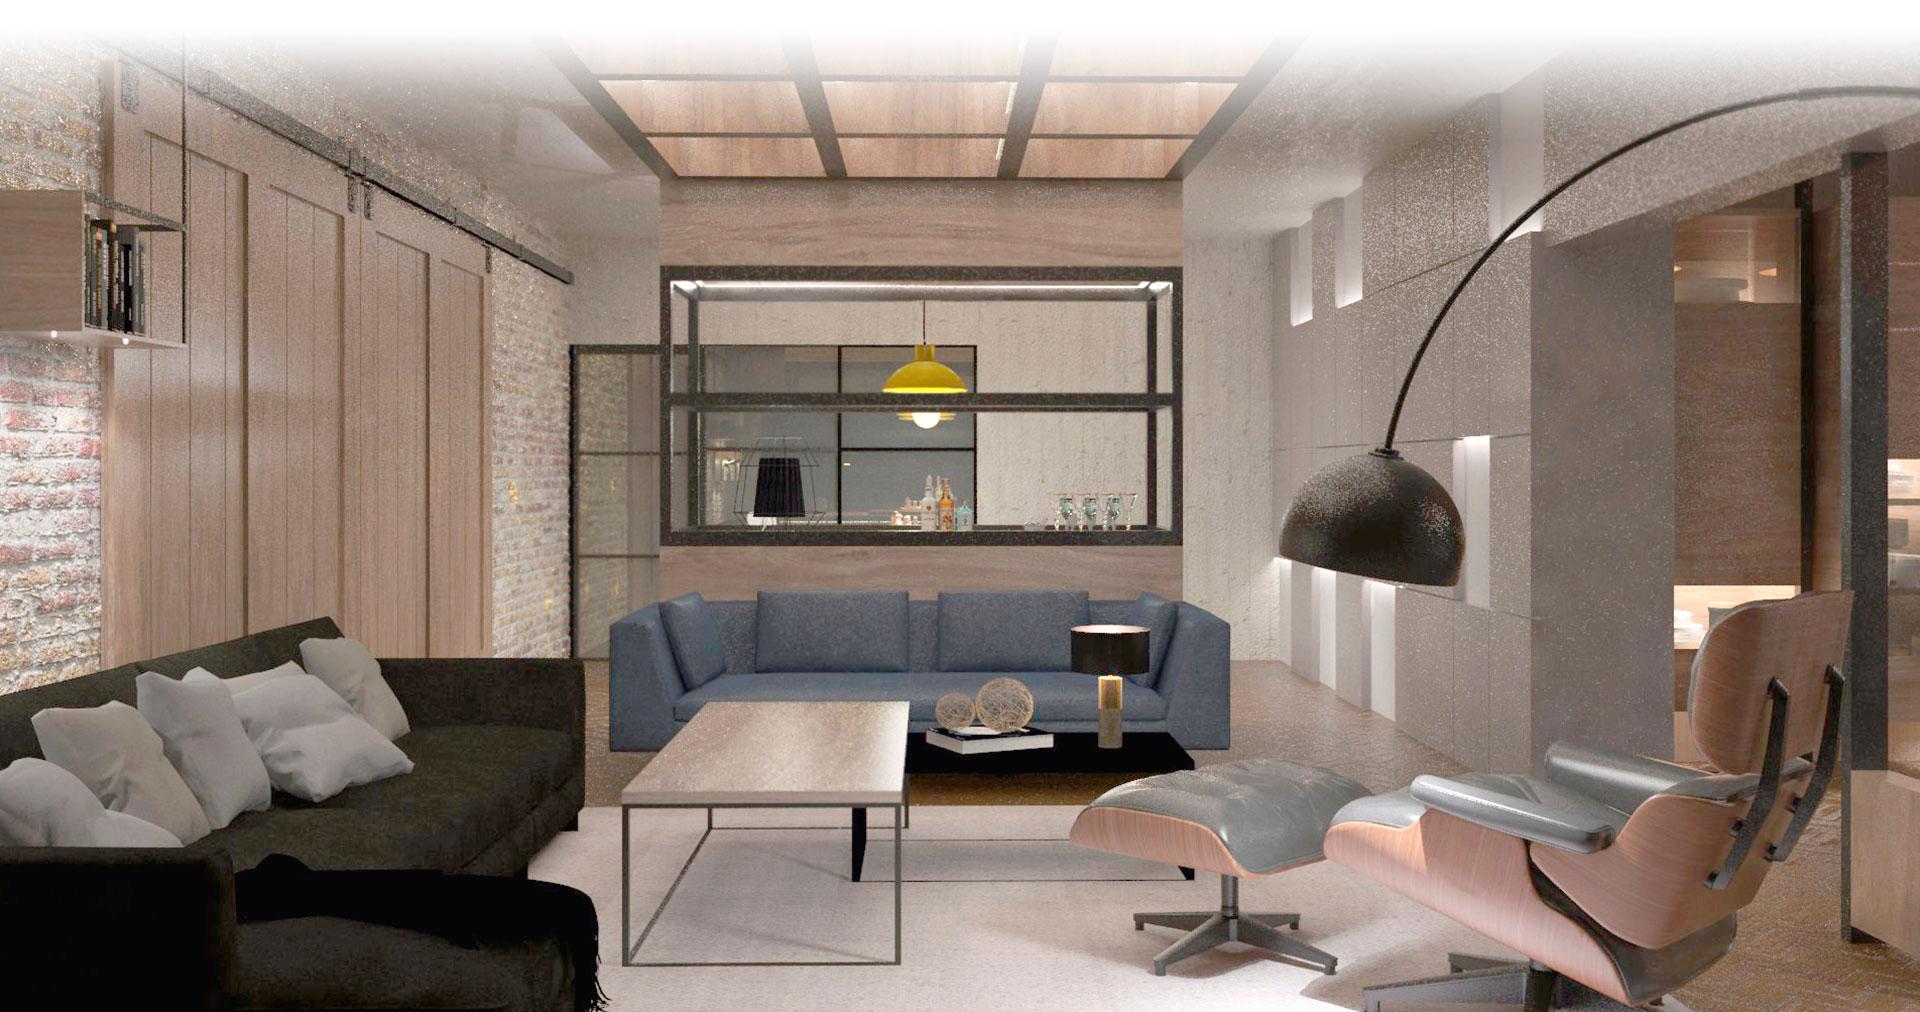 ¿Cómo darle un estilo industrial a un diseño de un espacio residencial?